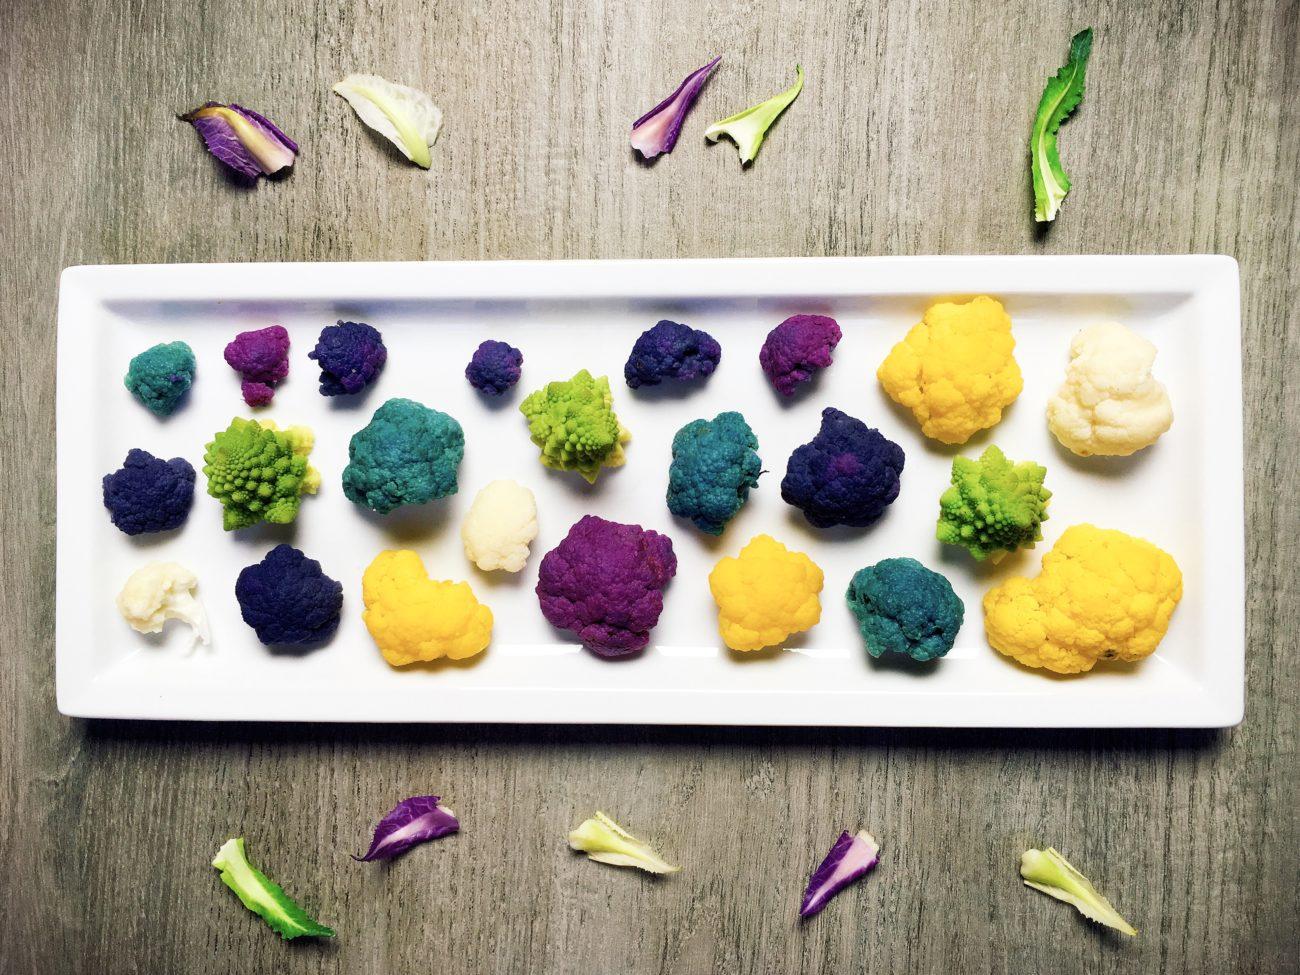 Cavoli e colori